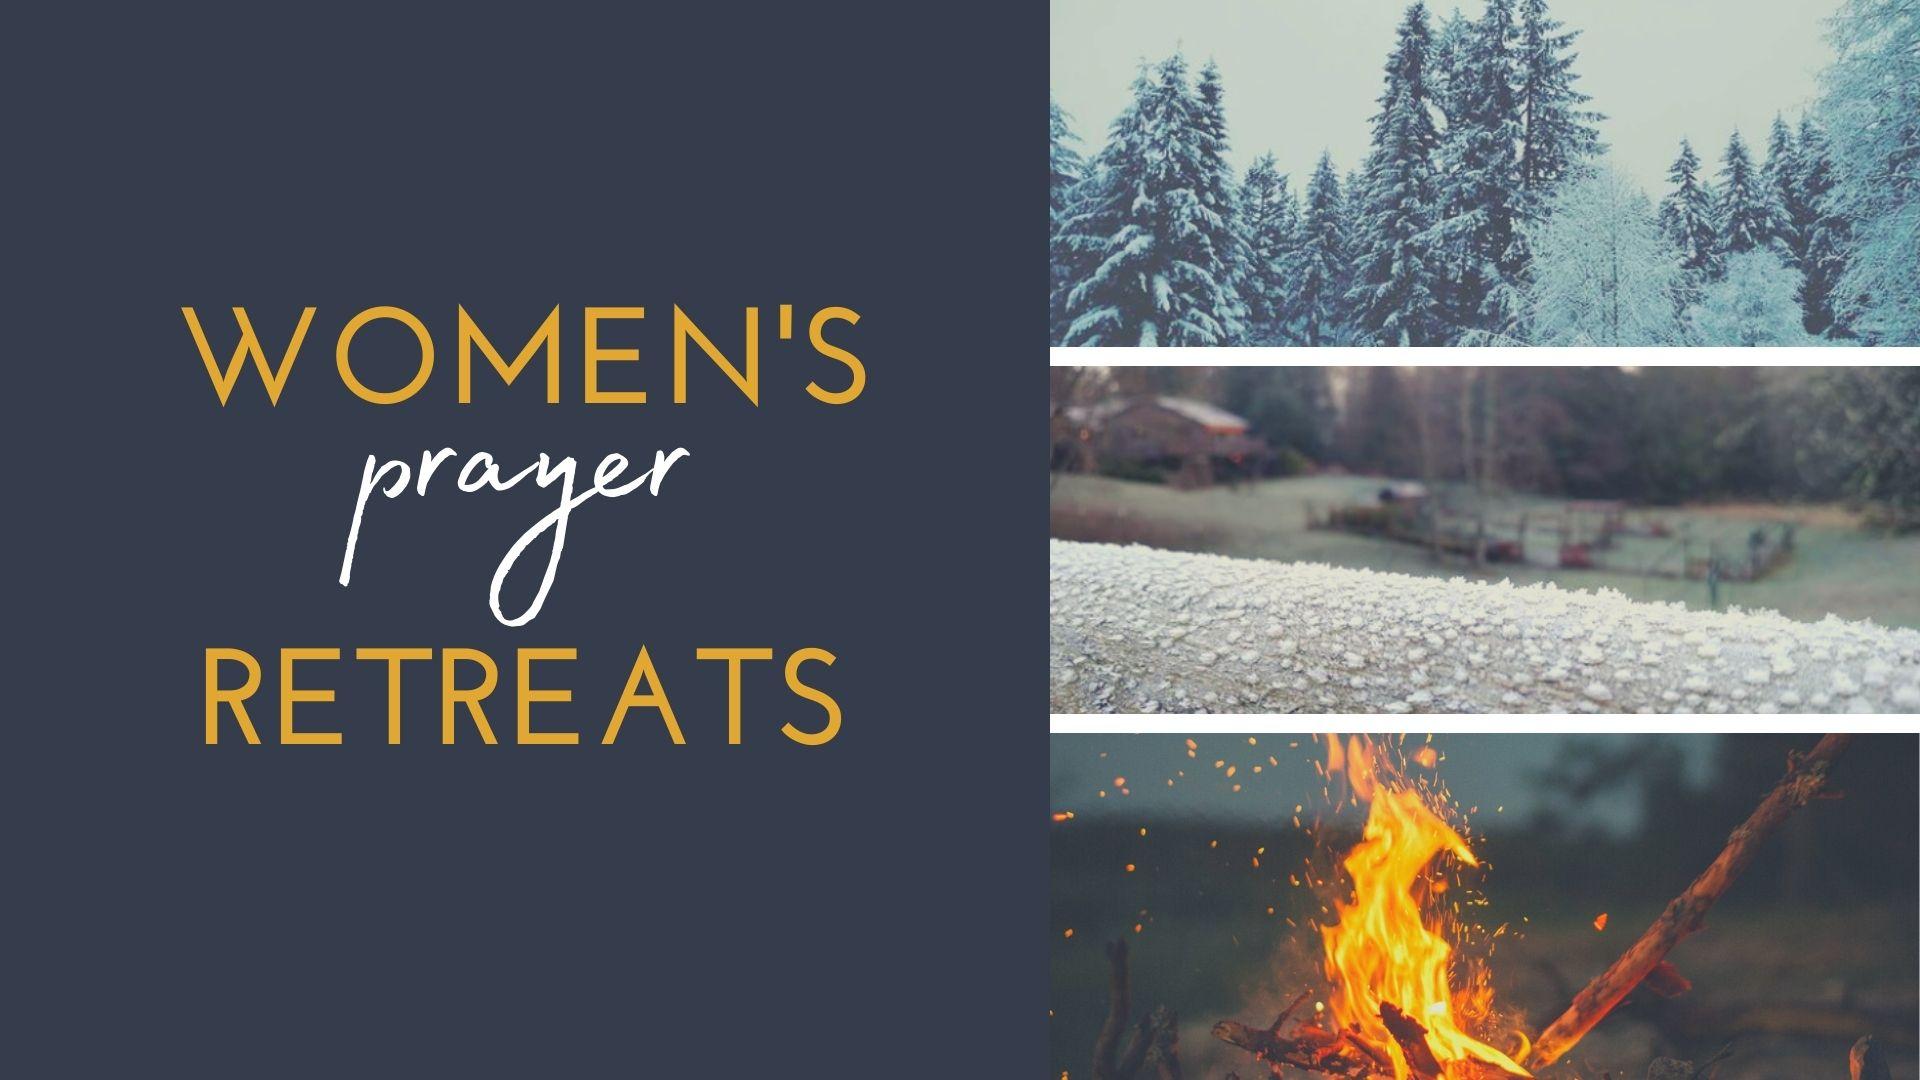 Final Women's Prayer Retreat Slides